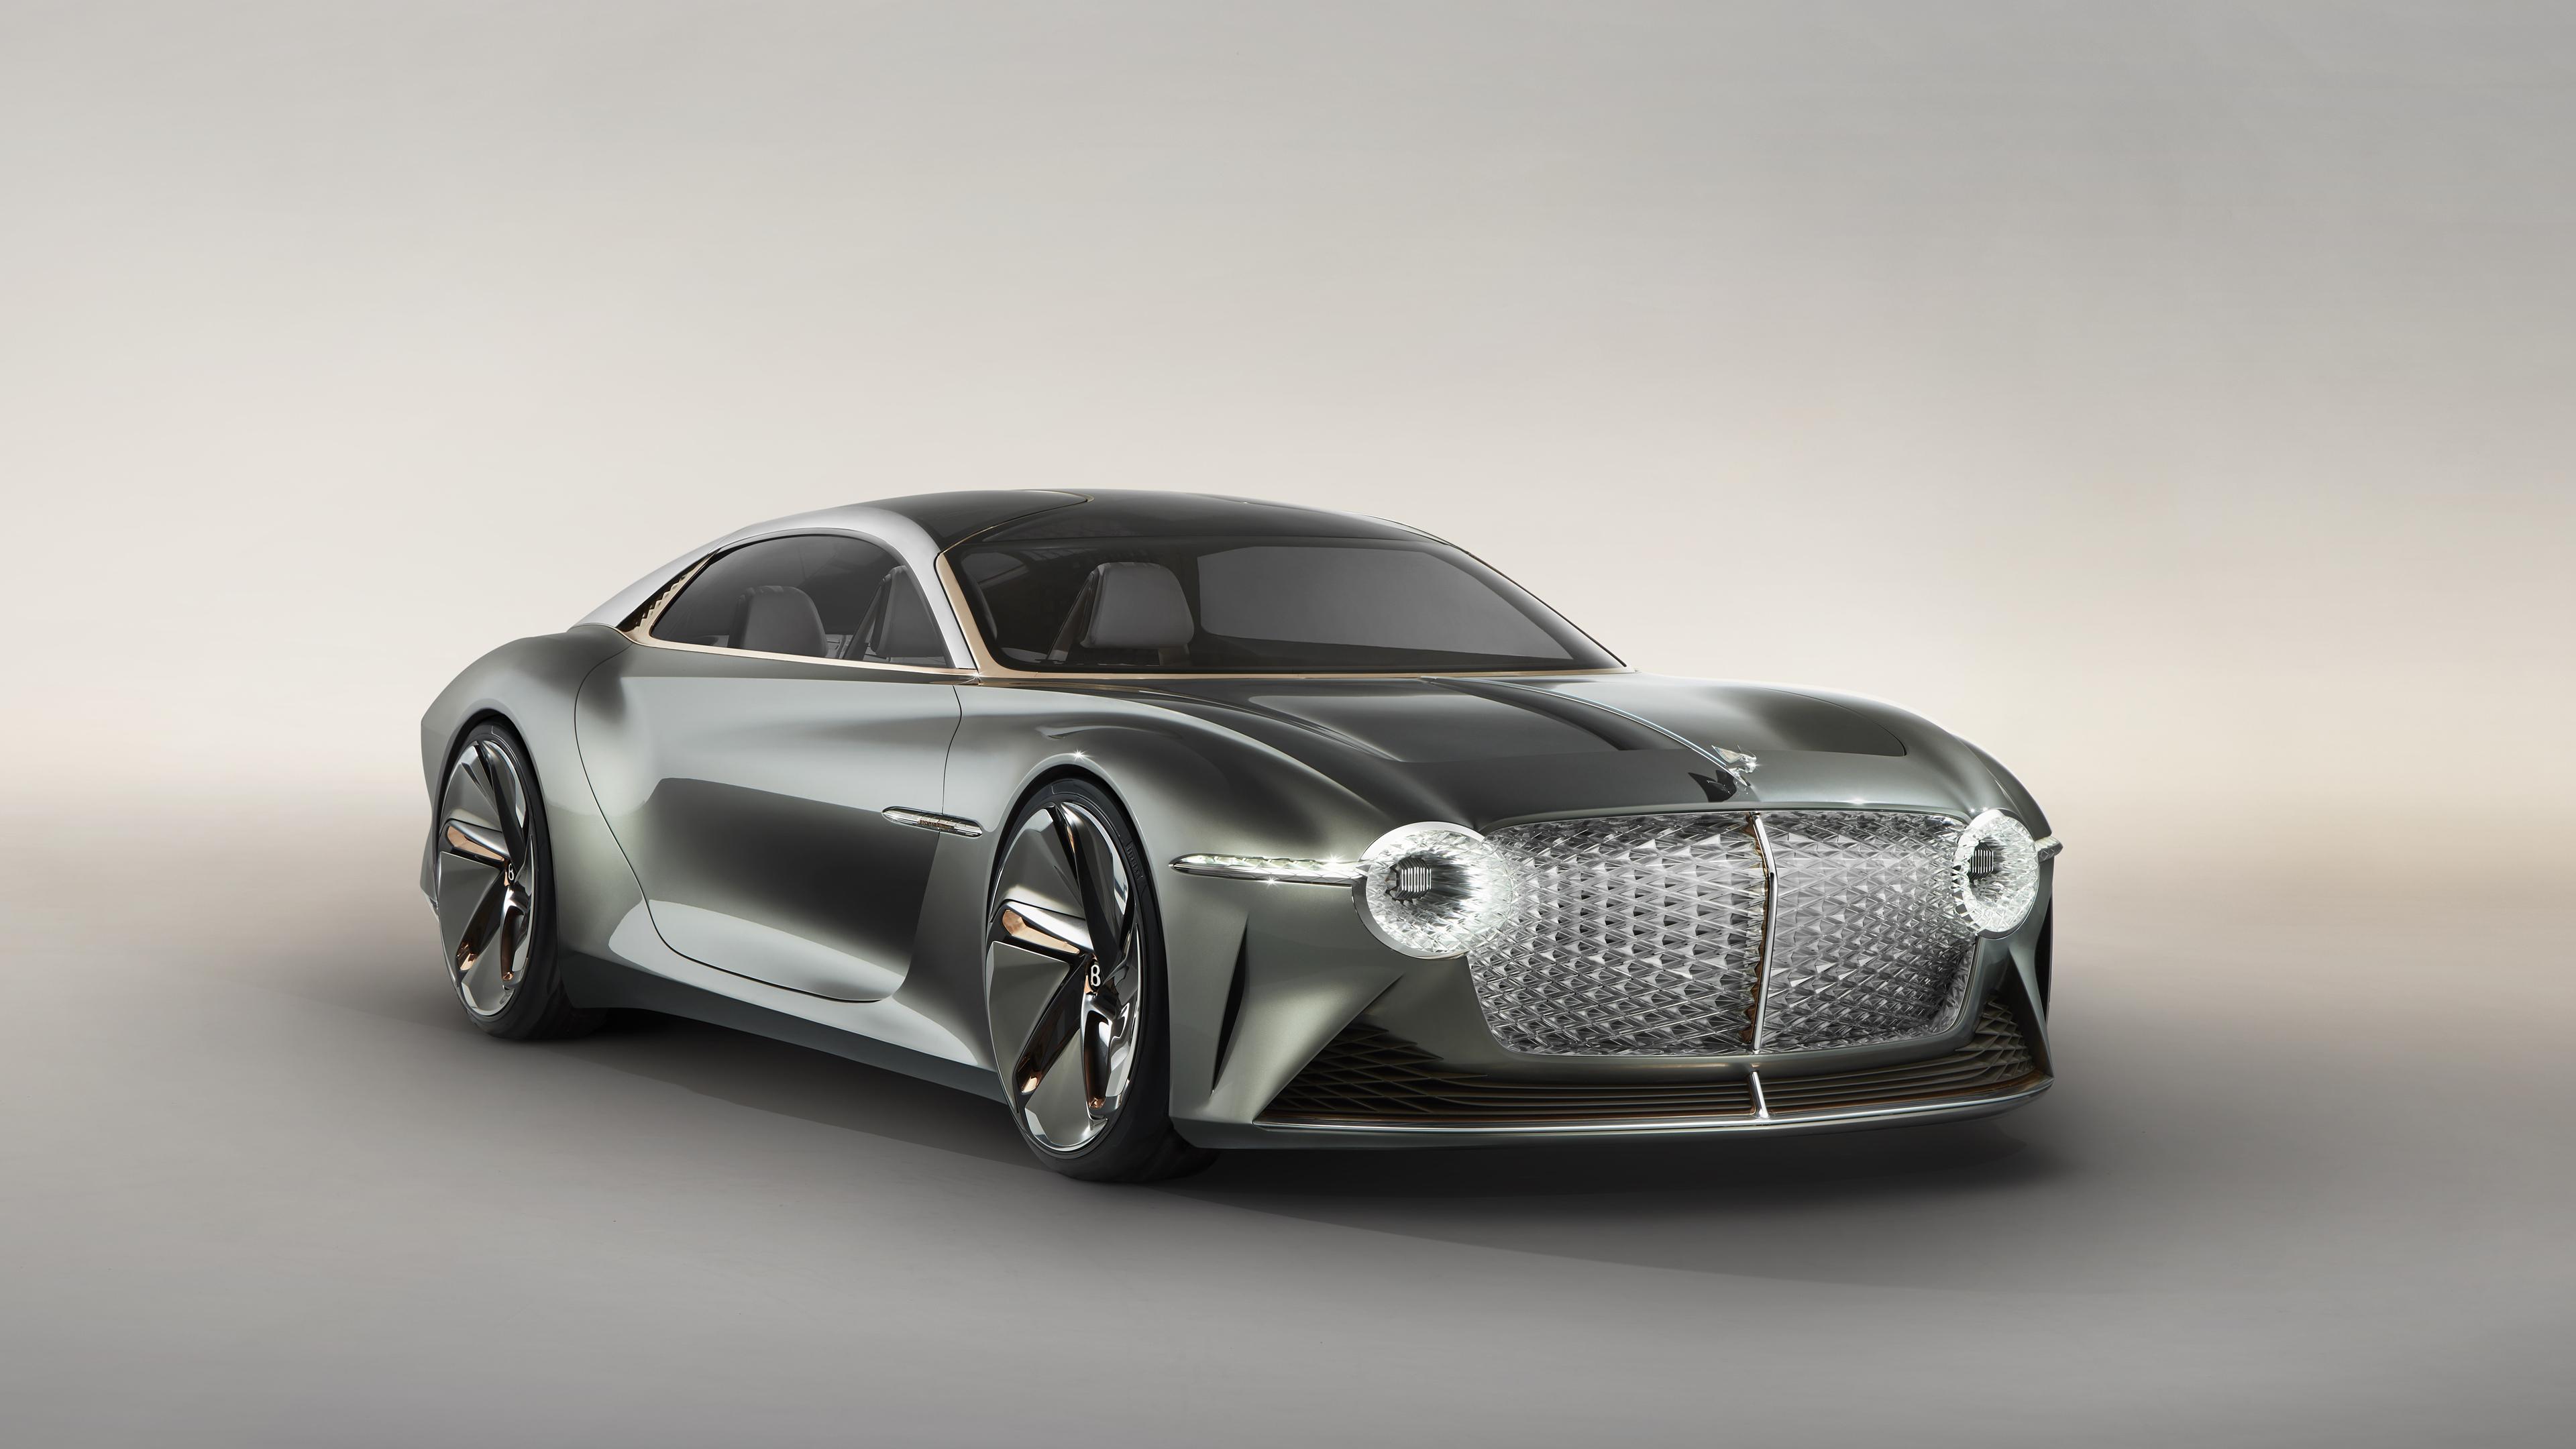 bentley exp 100 gt 2019 1563221222 - Bentley EXP 100 GT 2019 - hd-wallpapers, cars wallpapers, bentley wallpapers, bentley exp 100 gt wallpapers, 5k wallpapers, 4k-wallpapers, 2019 cars wallpapers